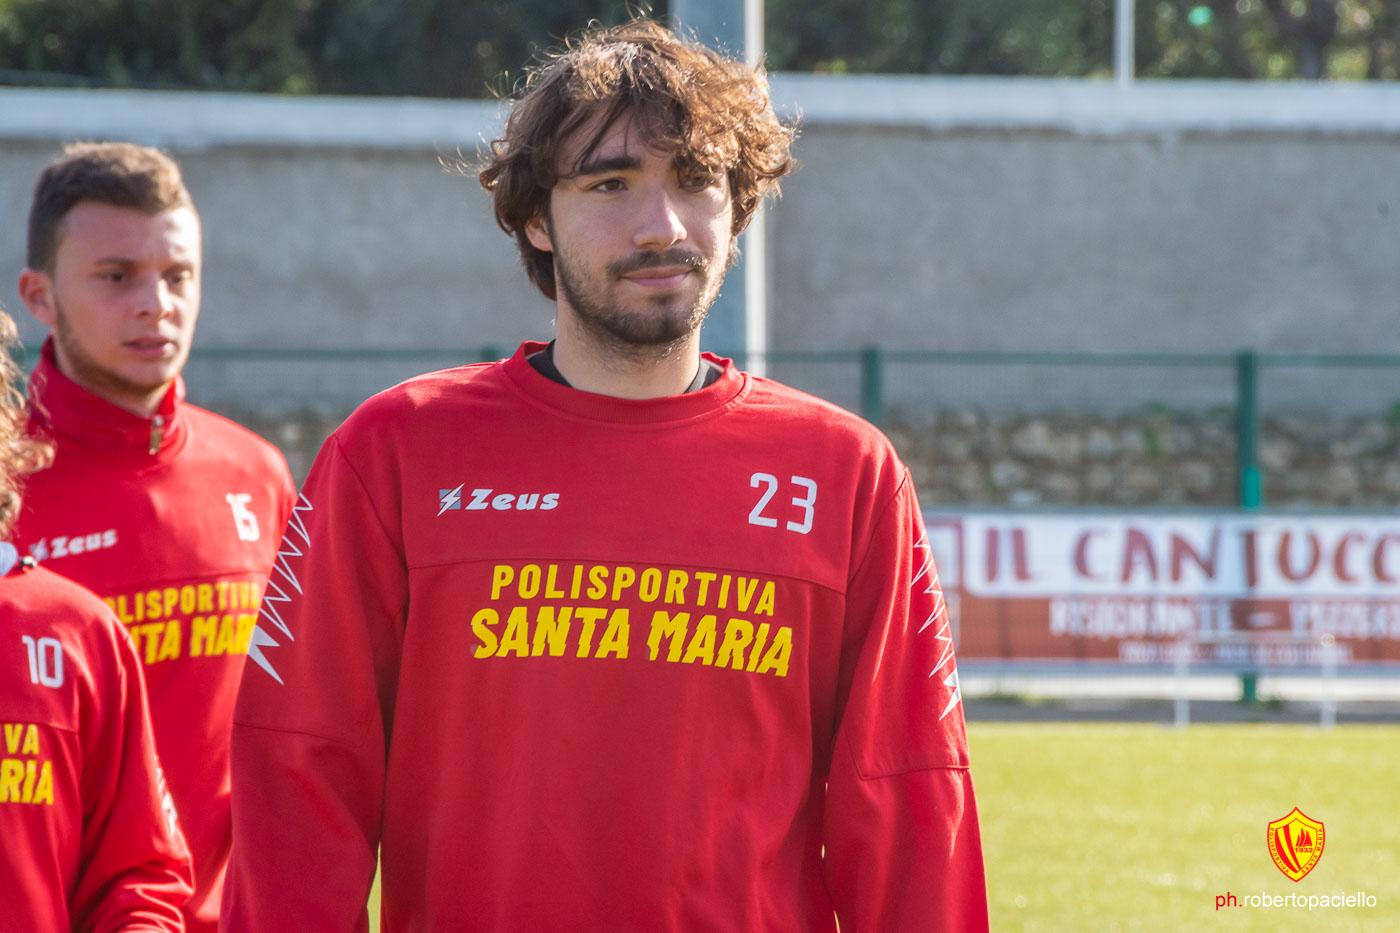 San Luca - Polisportiva Santa Maria, pre-gara con Gianmaria Guadagno